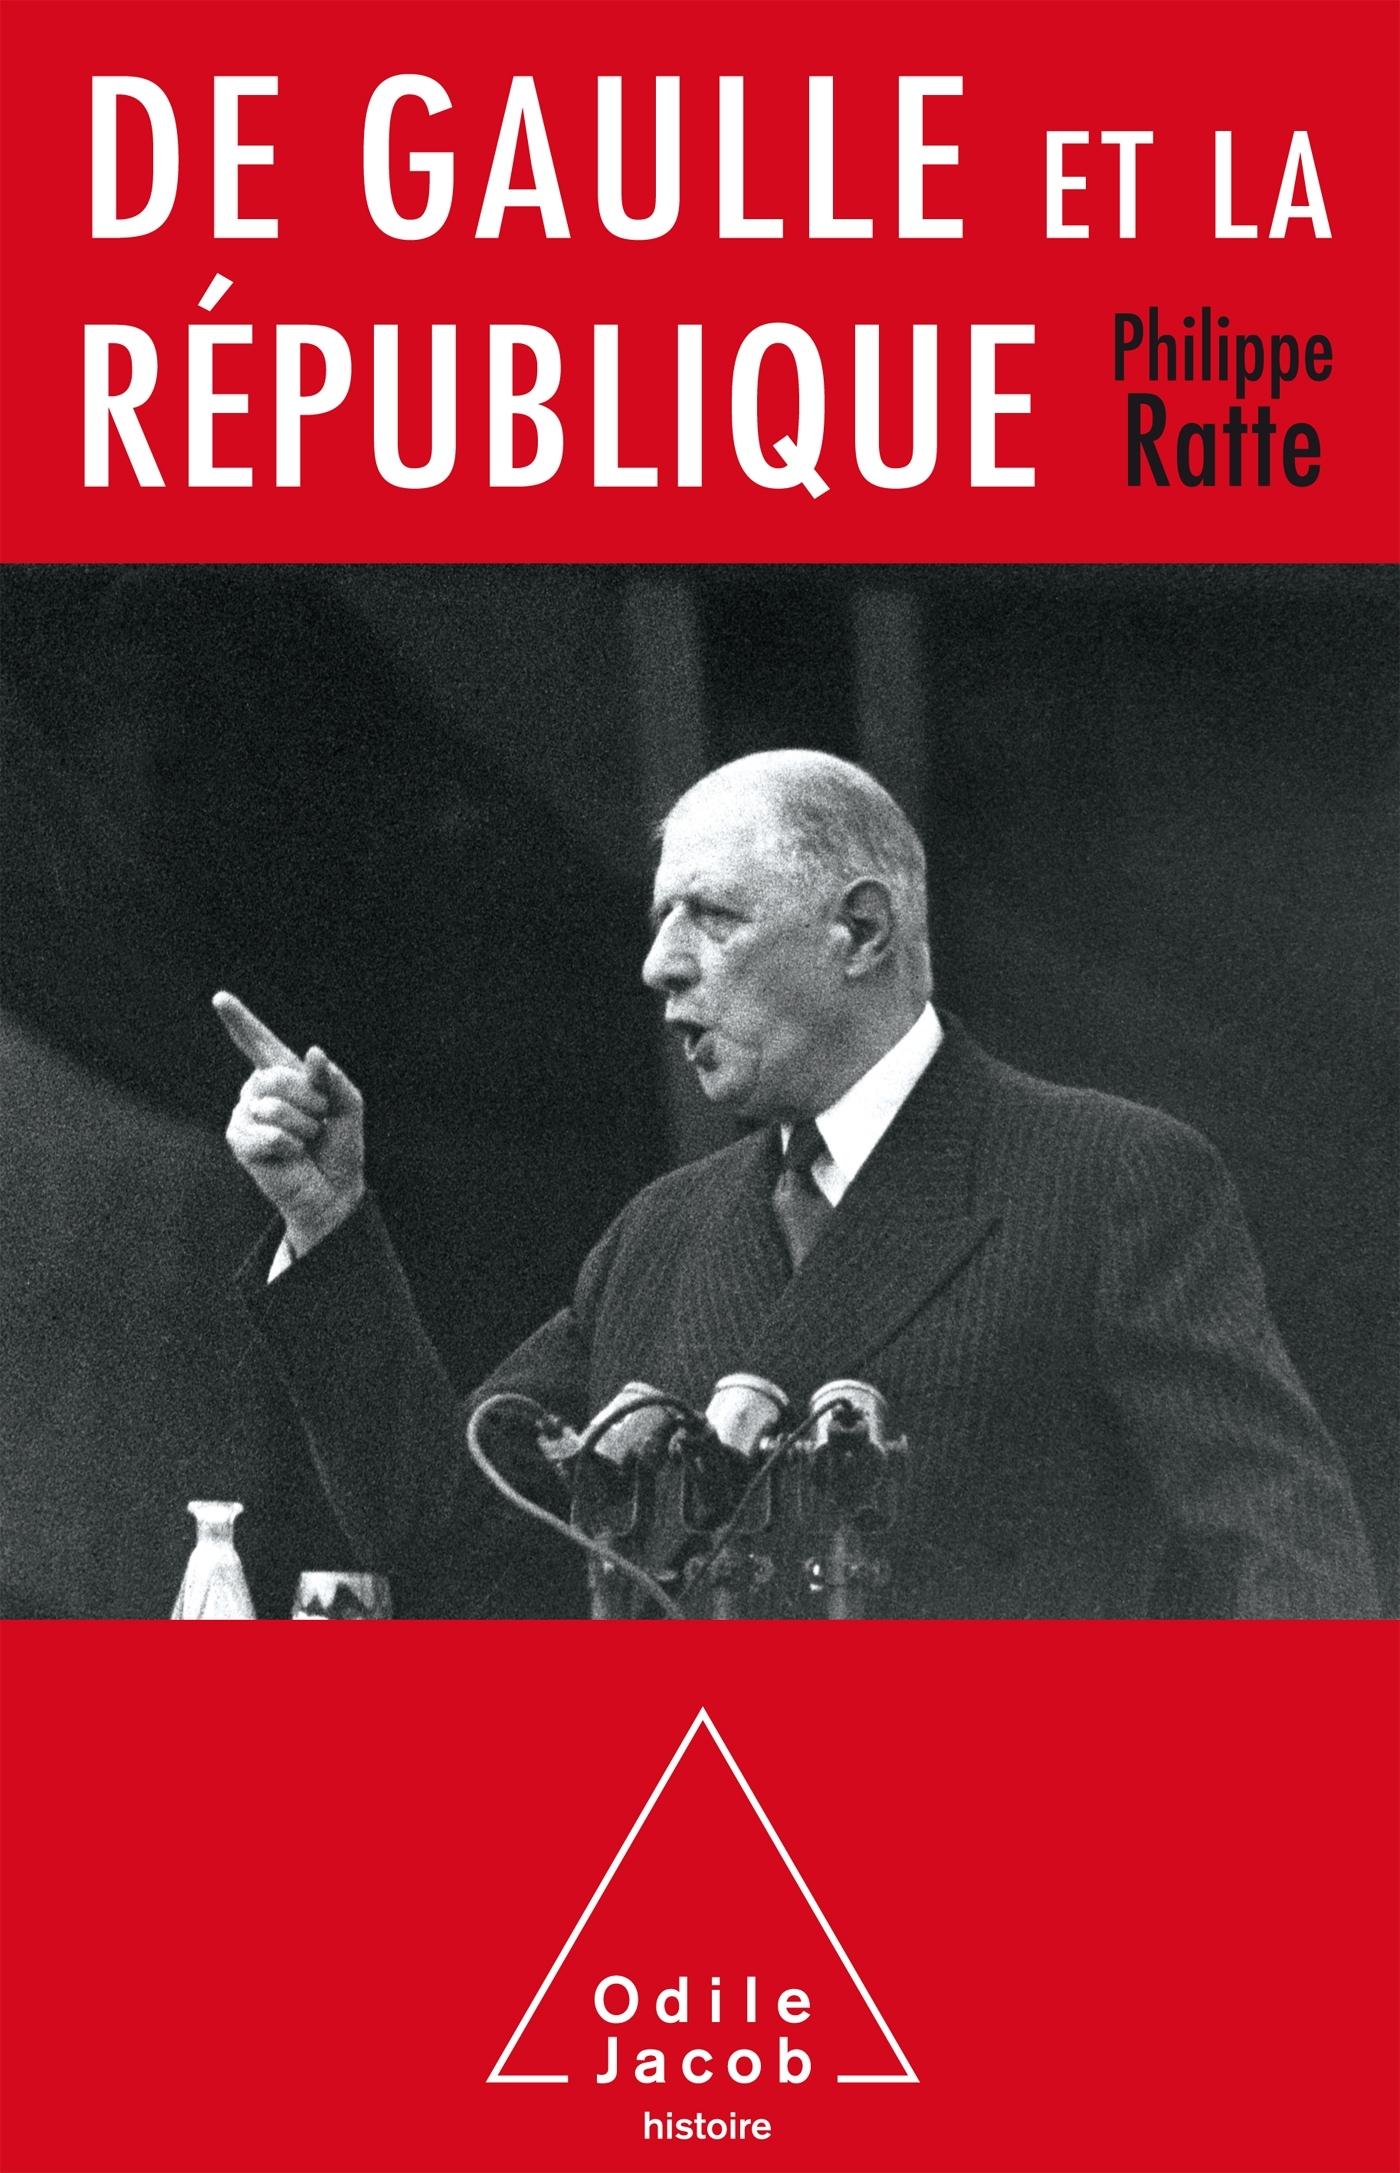 DE GAULLE ET LA REPUBLIQUE